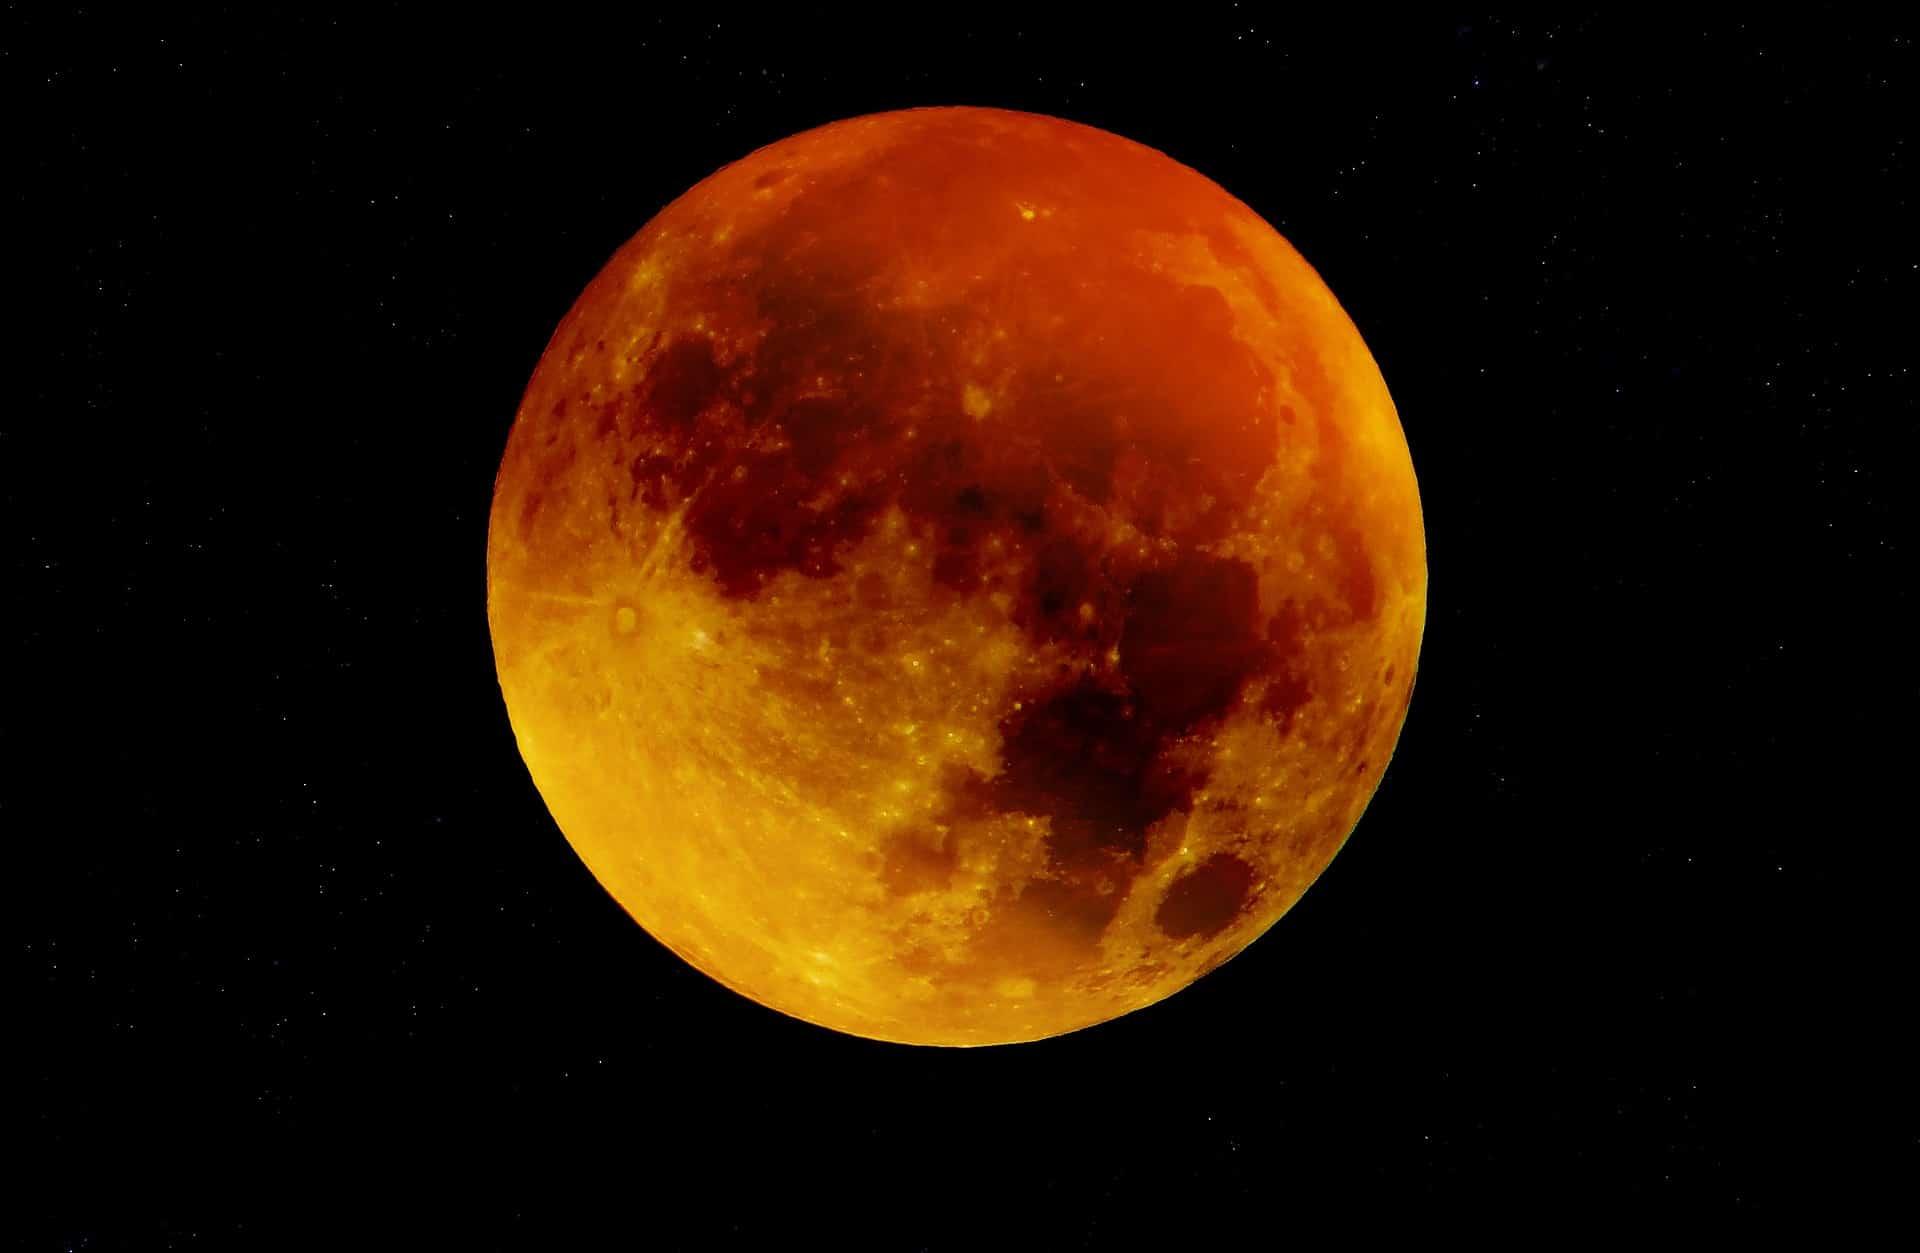 Du kan använda månens olika cyklar för olika ändamål. Idag pratar jag om fullmåne. Se nedan vilka datum som det är fullmåne.